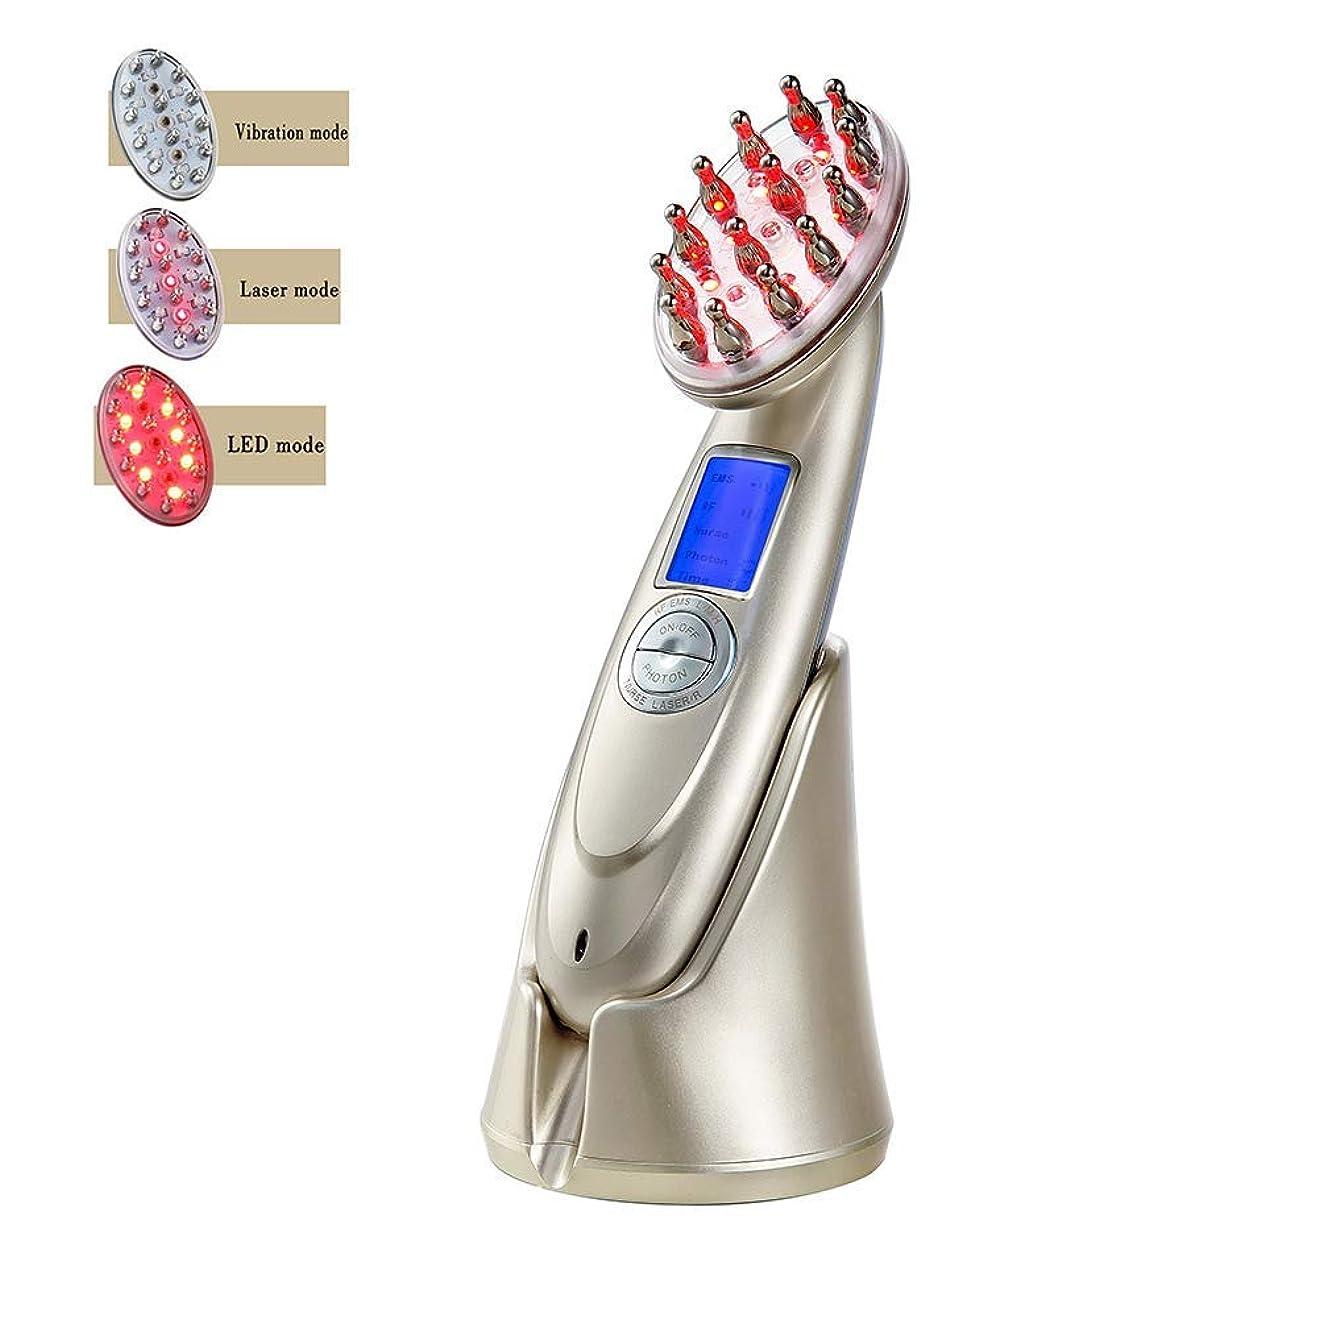 寄稿者香ばしい皮肉プロの電気毛の成長レーザーの櫛は RF の EMS LED の光子ライト療法のヘアブラシの反毛の損失の処置マッサージ器の毛の再生のブラシ